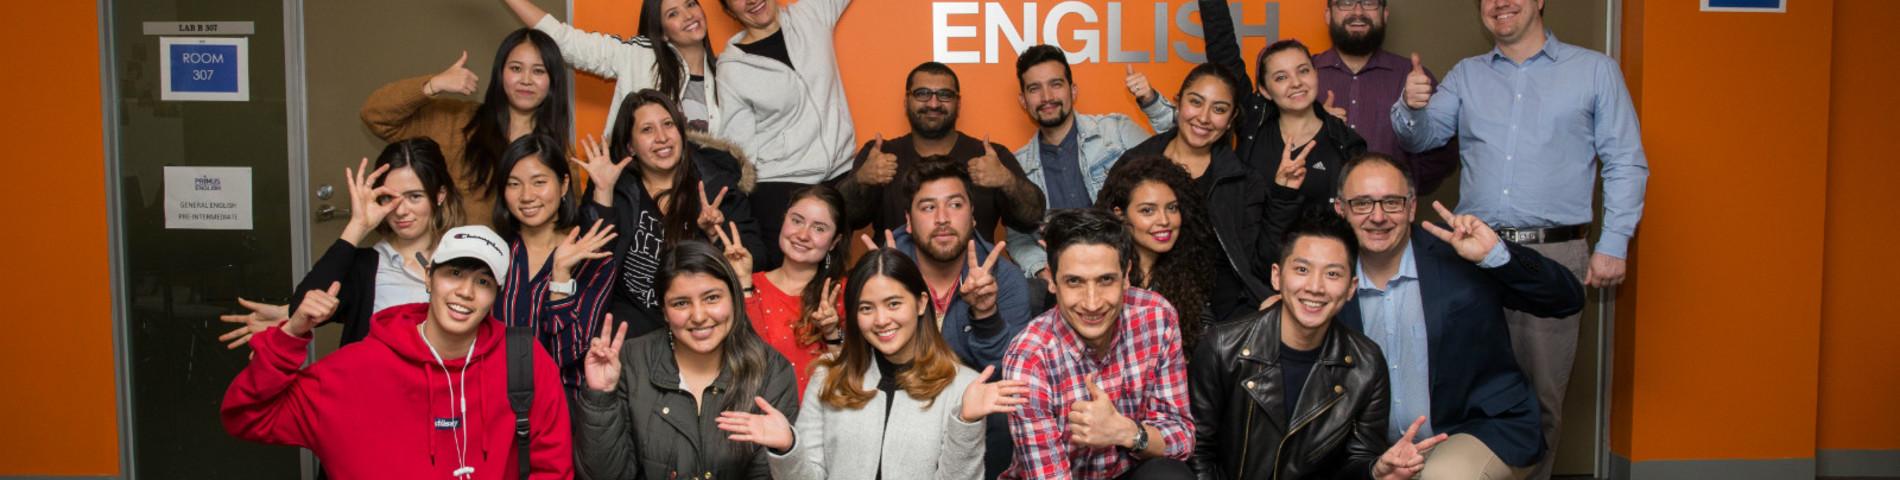 Imagen 1 de la escuela Primus English